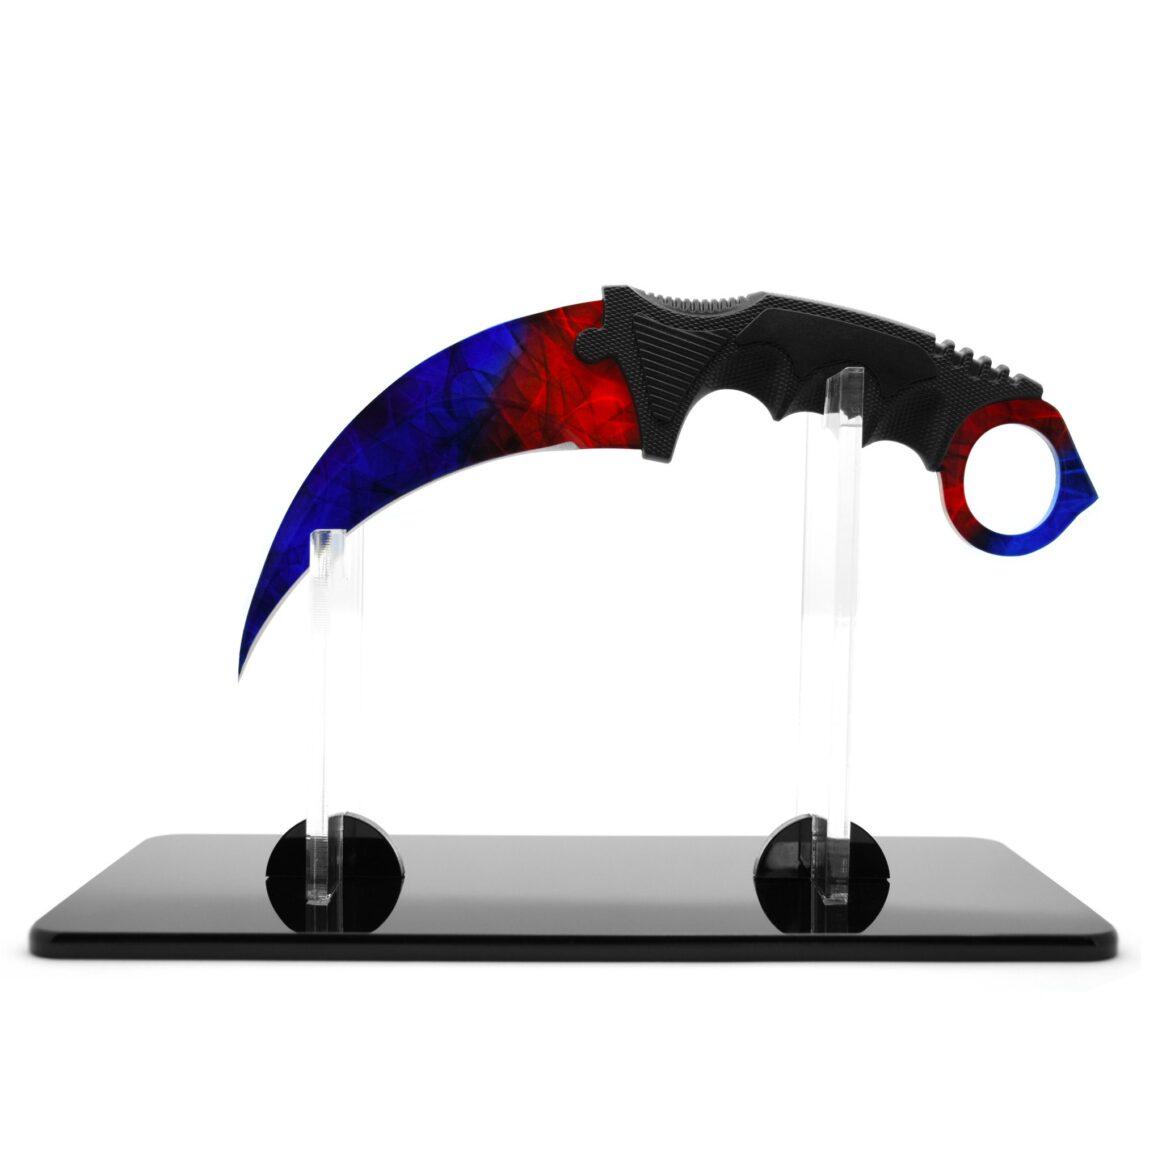 Présentoir Couteau CS:GO IRL Karambit Marble Fade - Vrai Couteau Karambit Marbre Fondu